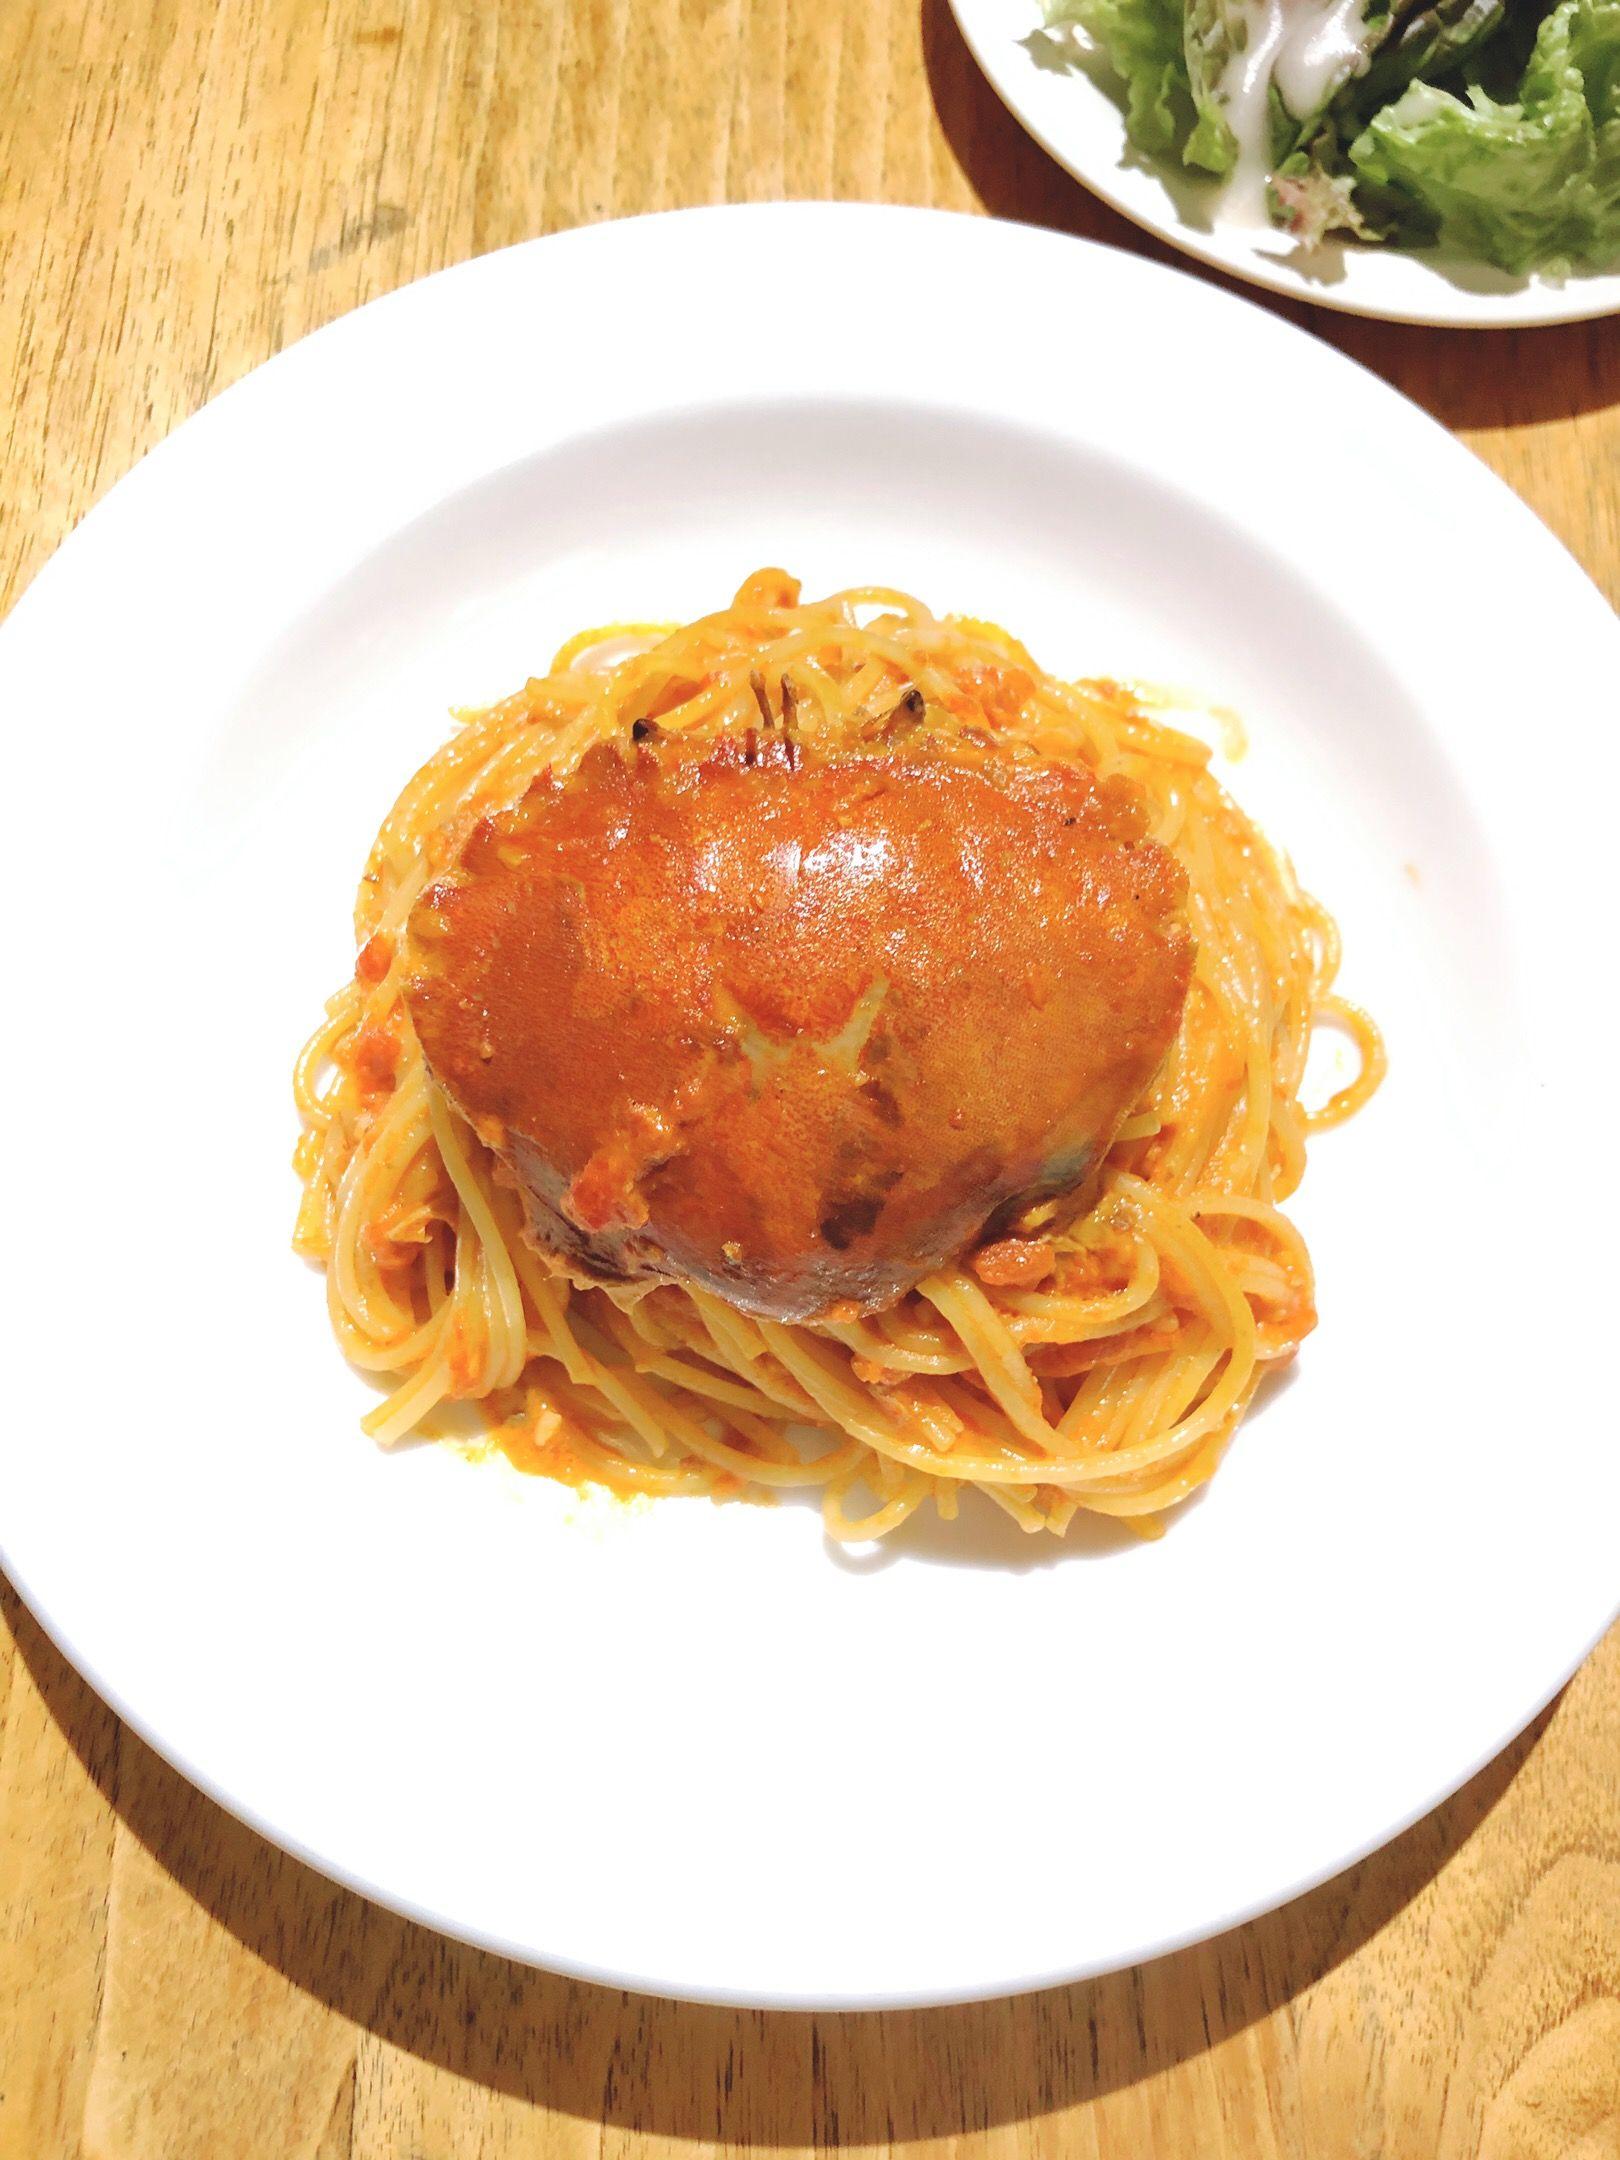 御茶ノ水イタリアン トラットリアレモン 10月おすすめパスタ イタリアン パスタ ディナー